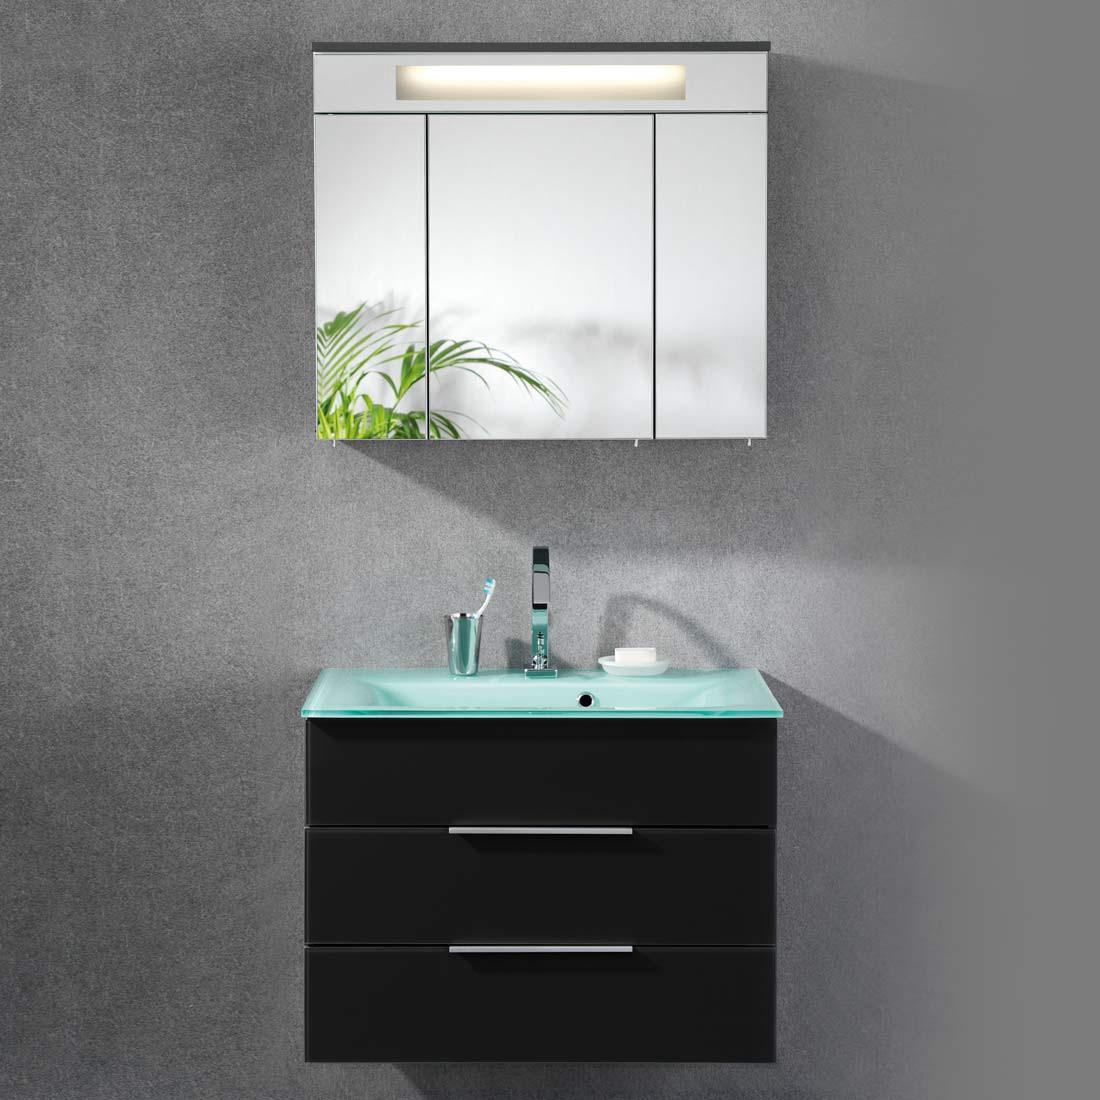 kara 1 waschplatz anthrazit mit 2 schubladen. Black Bedroom Furniture Sets. Home Design Ideas